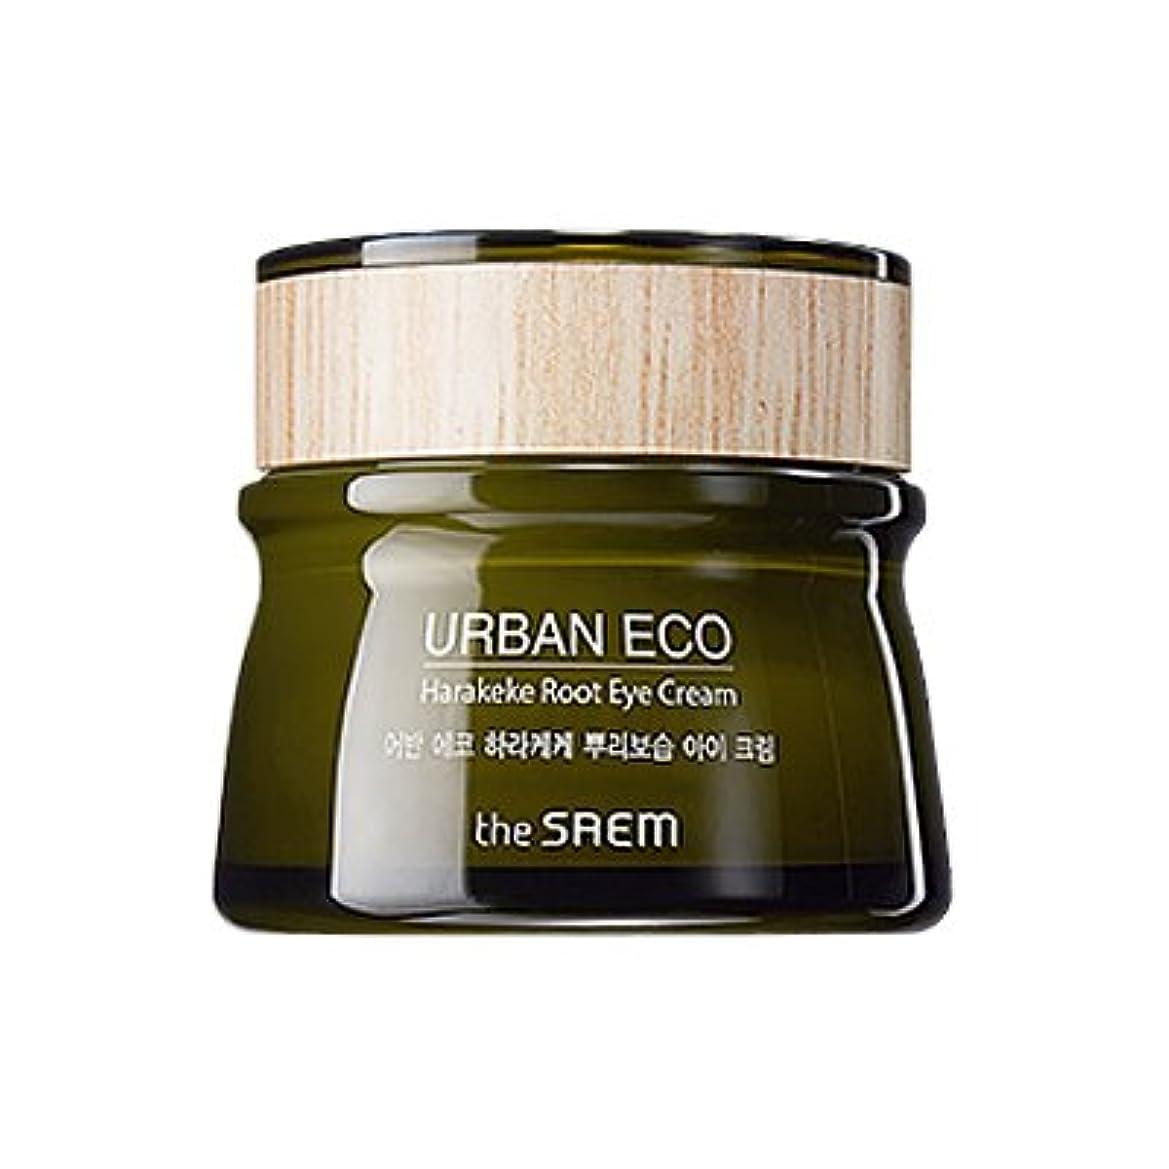 ウール花弁おばあさんThe SAEM Urban Eco Harakeke Root Eye Creamザセムアーバンエコハラケケ根保湿アイクリーム [並行輸入品]